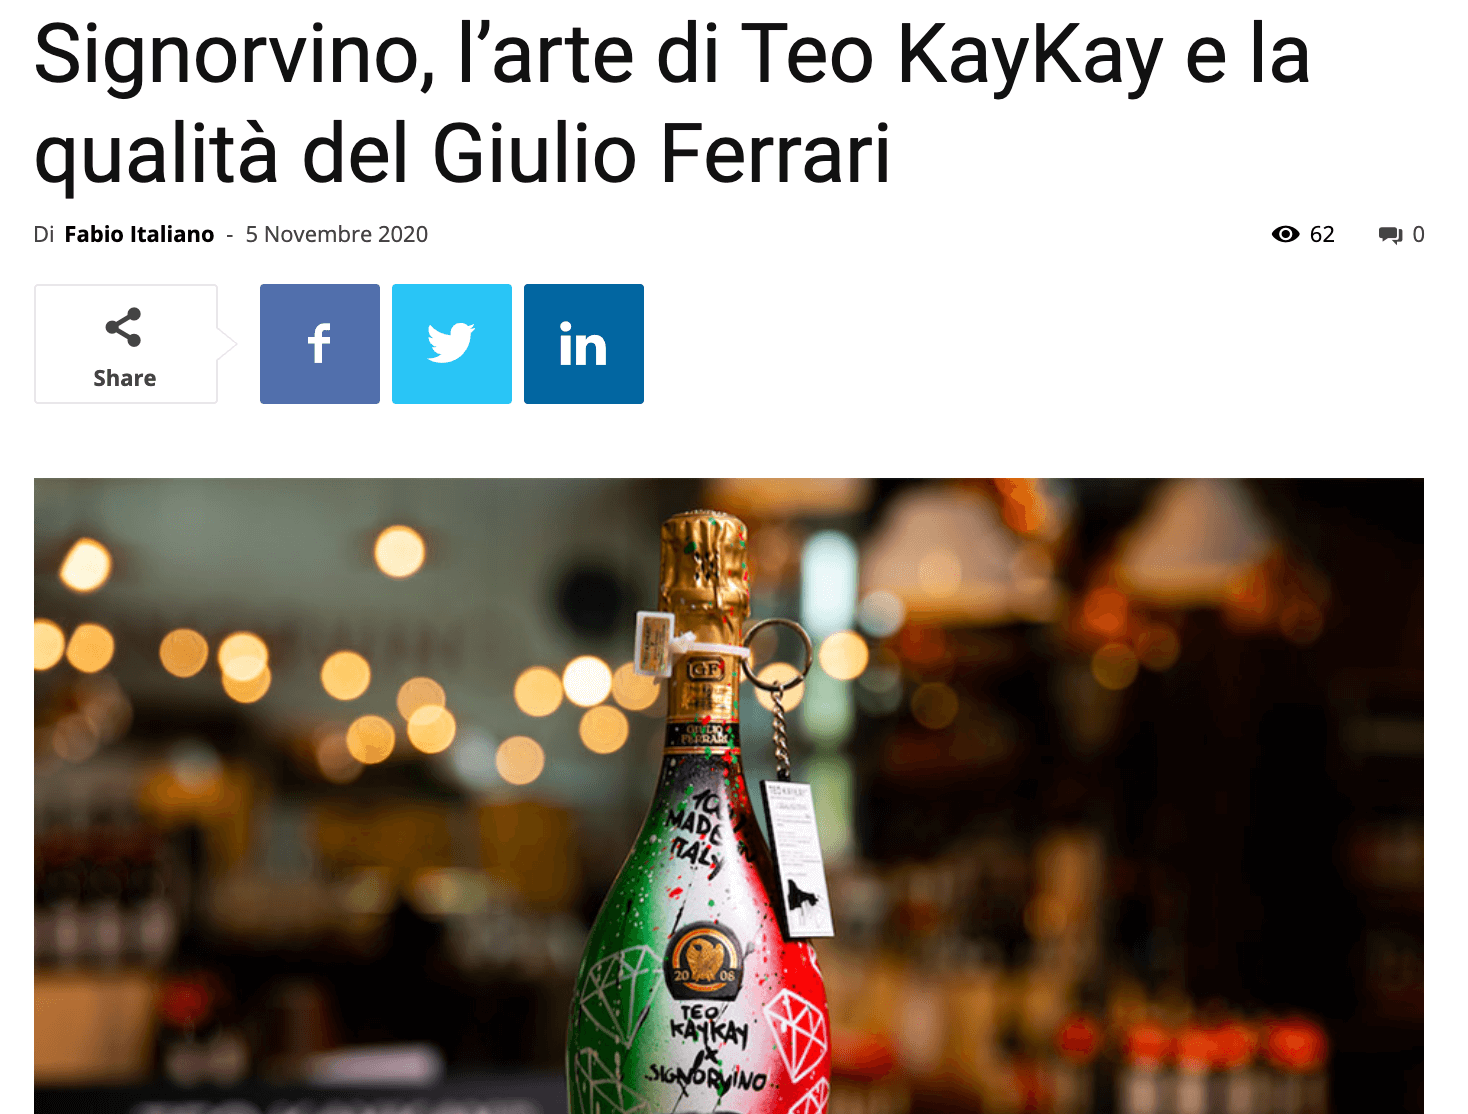 Teo KayKay Bere Il Vino